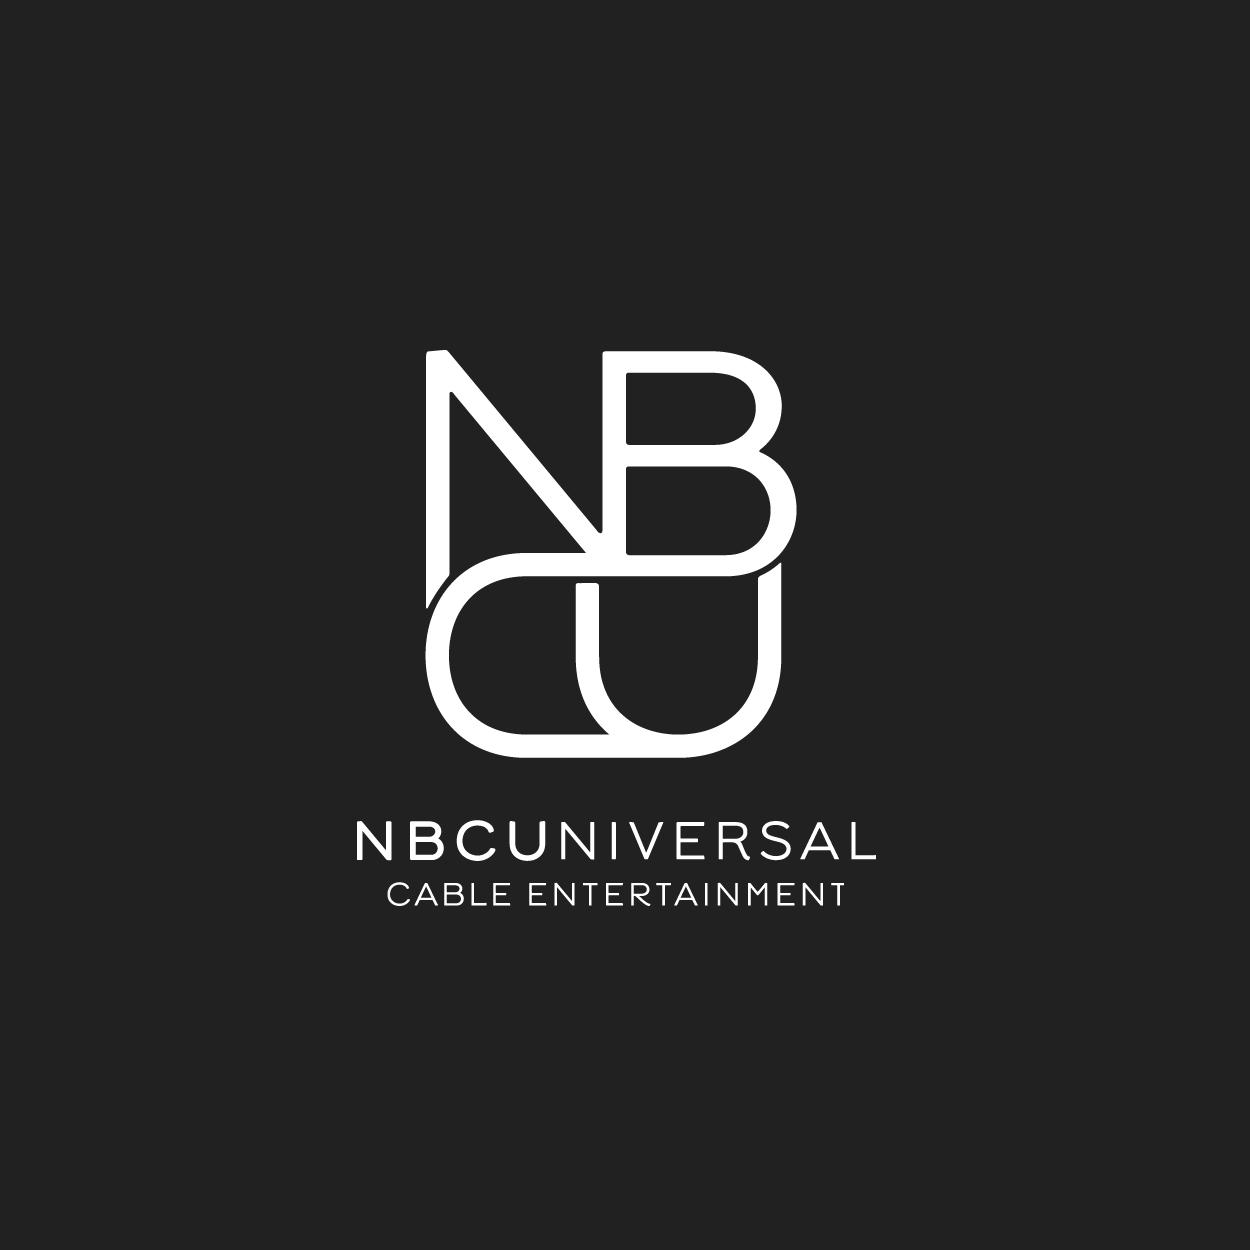 nbcun_logo_1250x.jpg